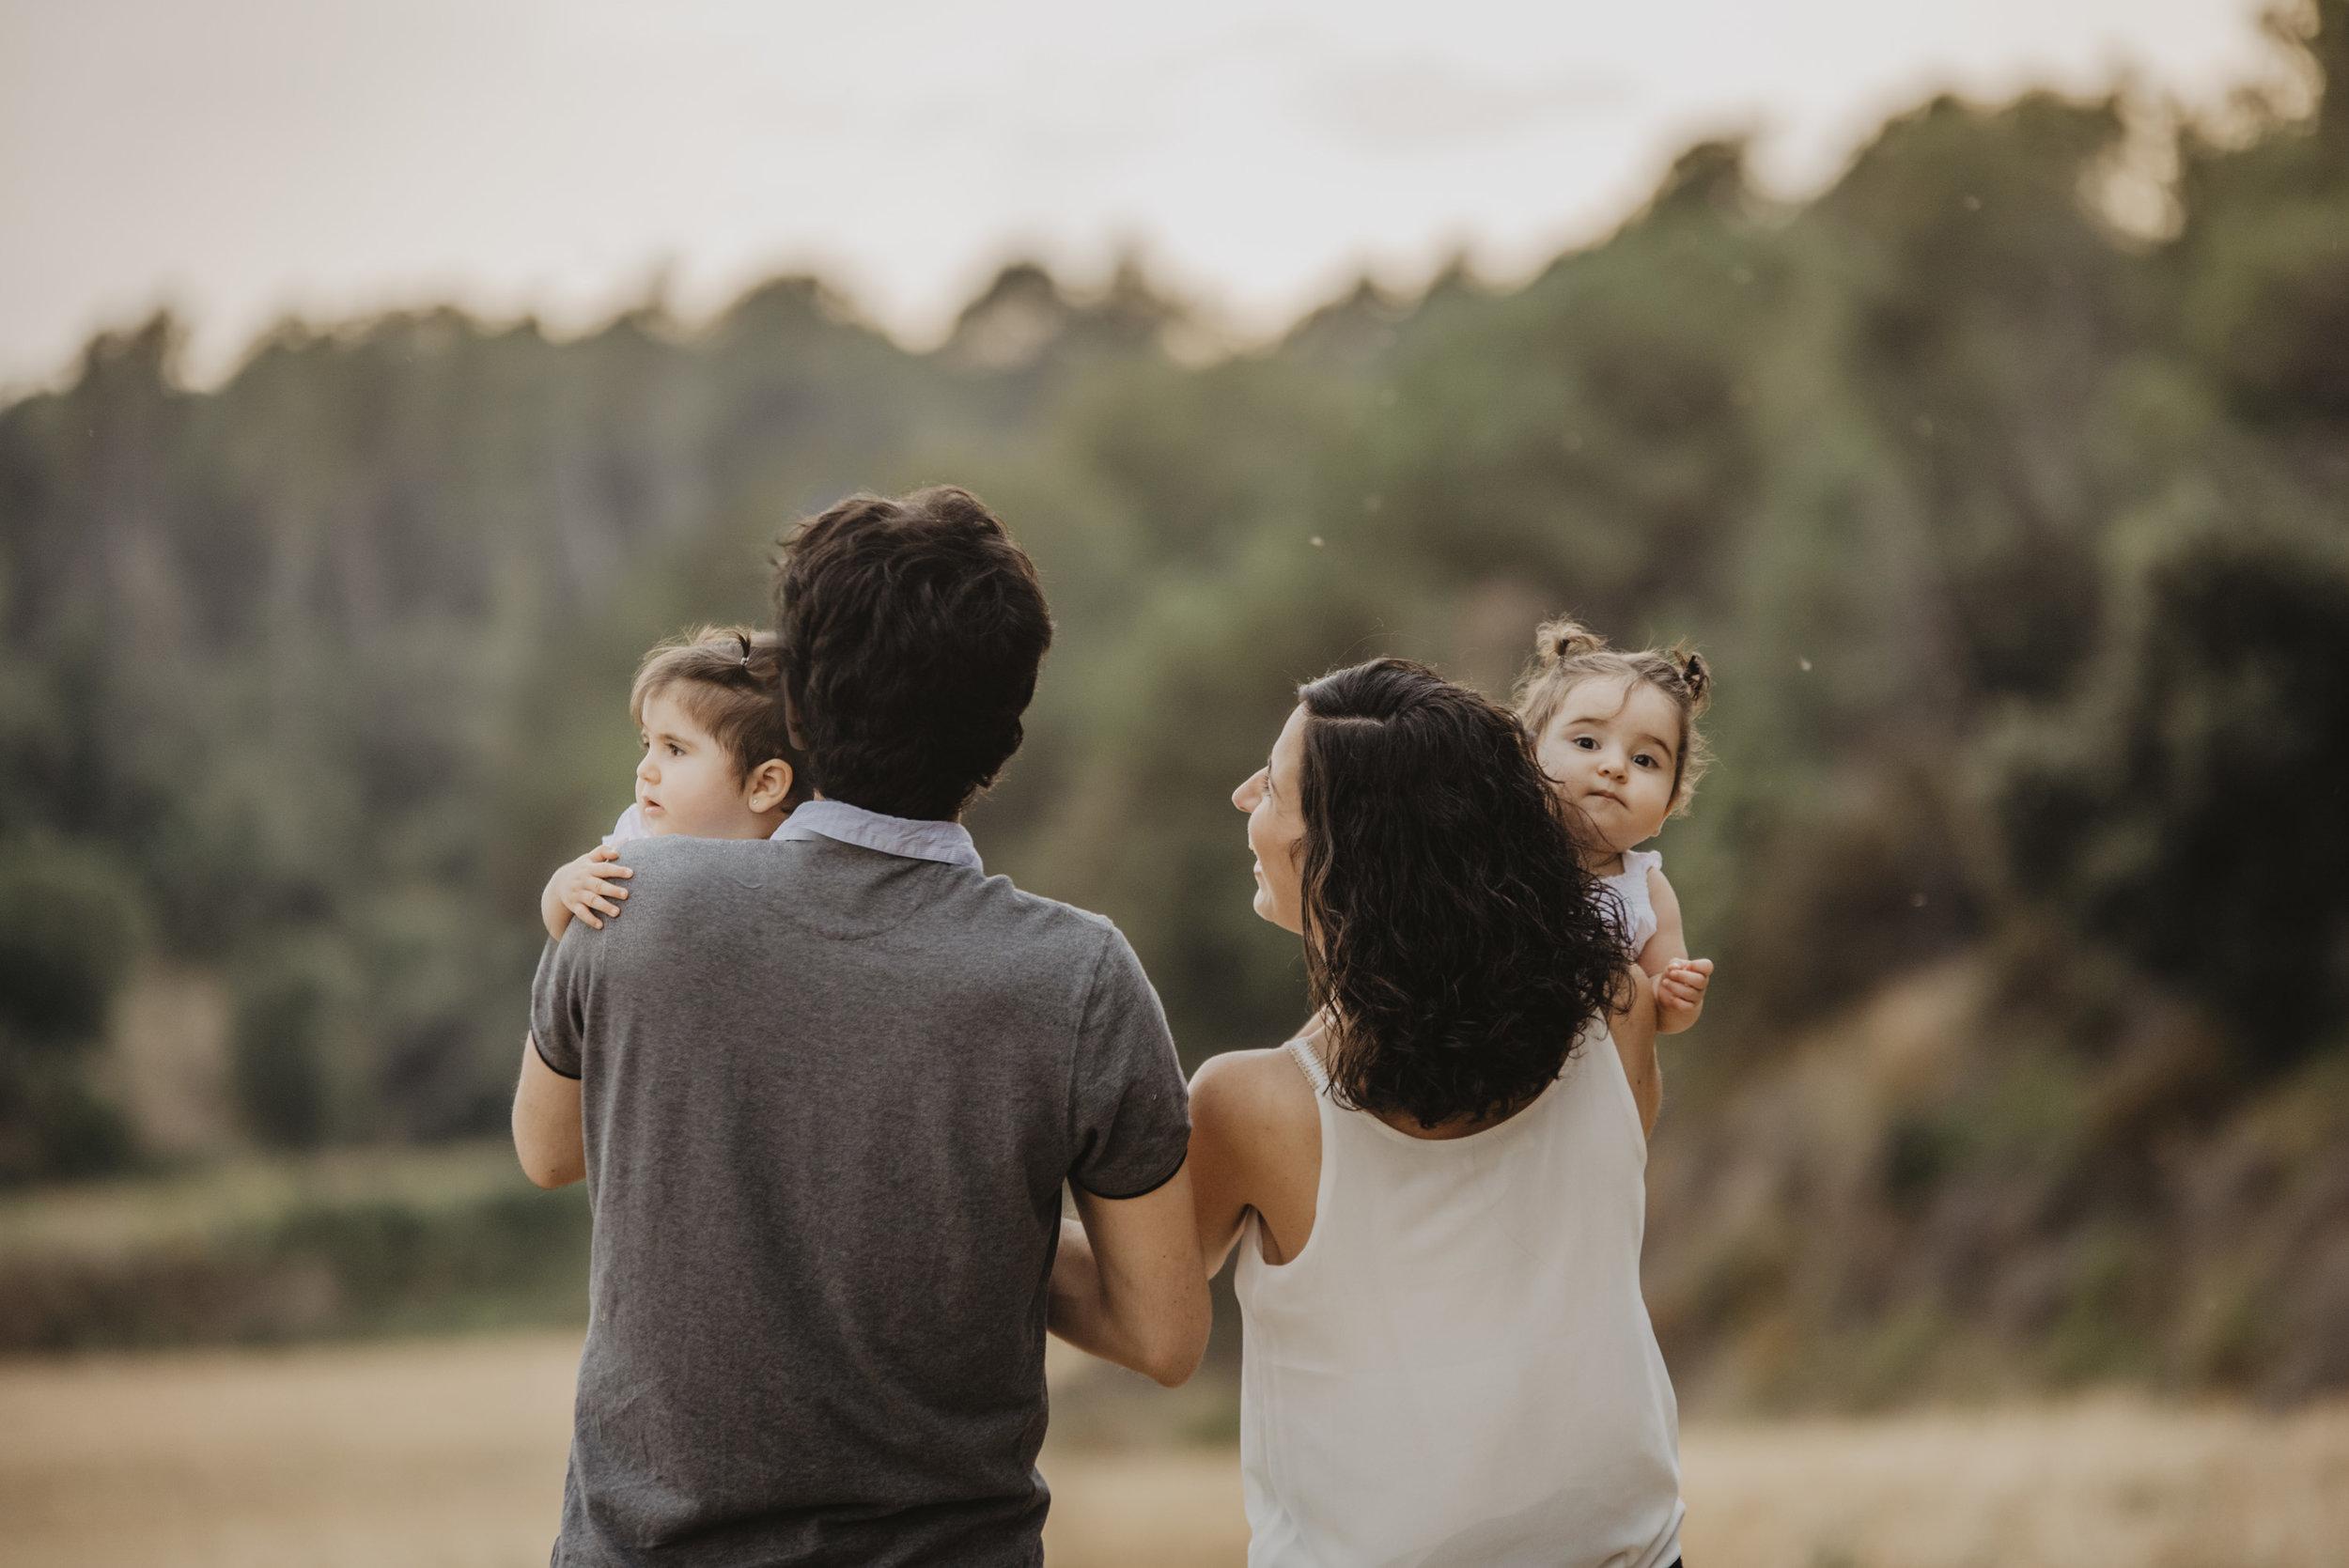 familia-reportatge-fotos-catalunya-terrassa-bessones-mellizas-mia-moments-photo-fotografia-familiar-exterior-10.jpg